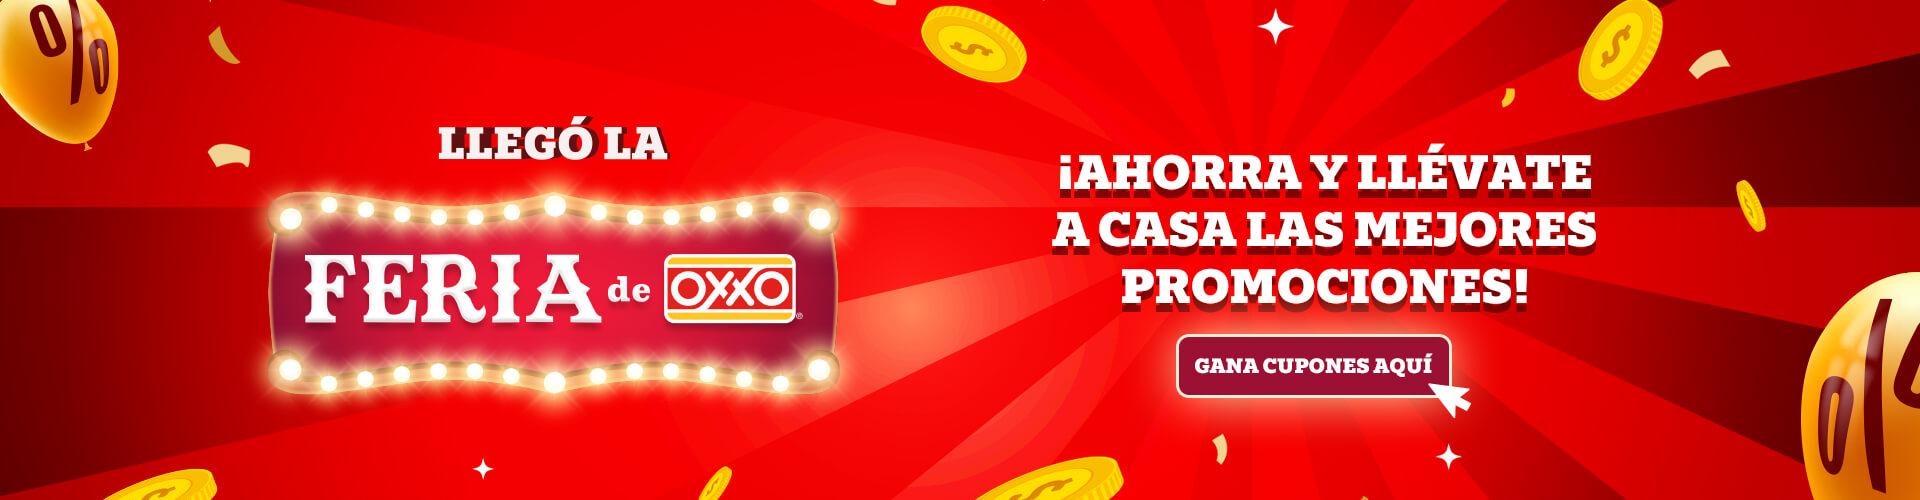 OXXO Reunión Feria OXXO